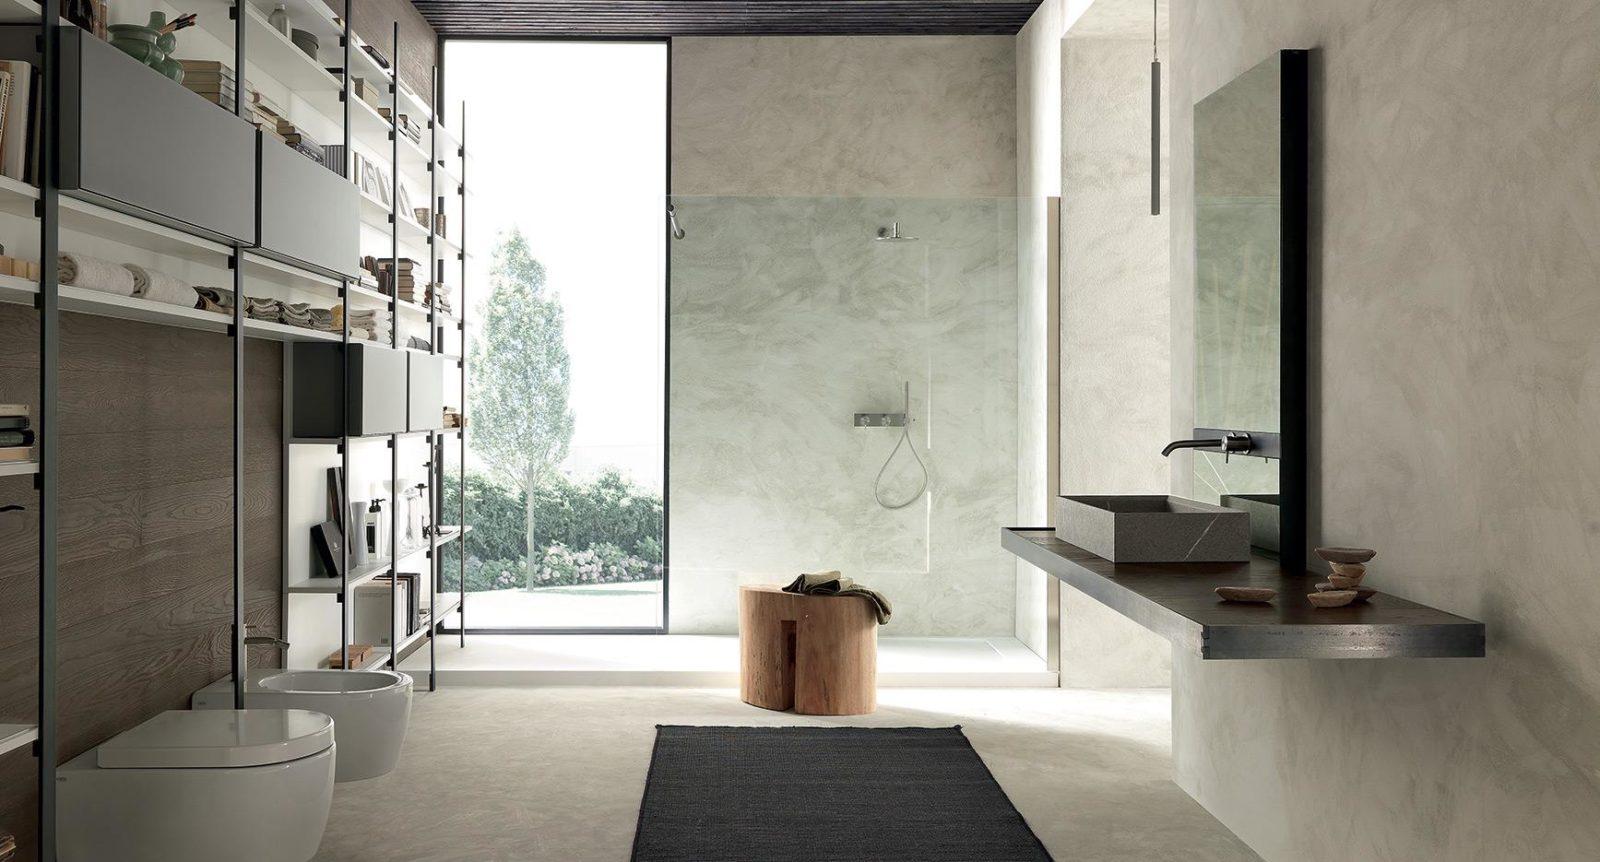 Outlet arredamento design novara gallery of cucina for Vesto e arredo brugherio